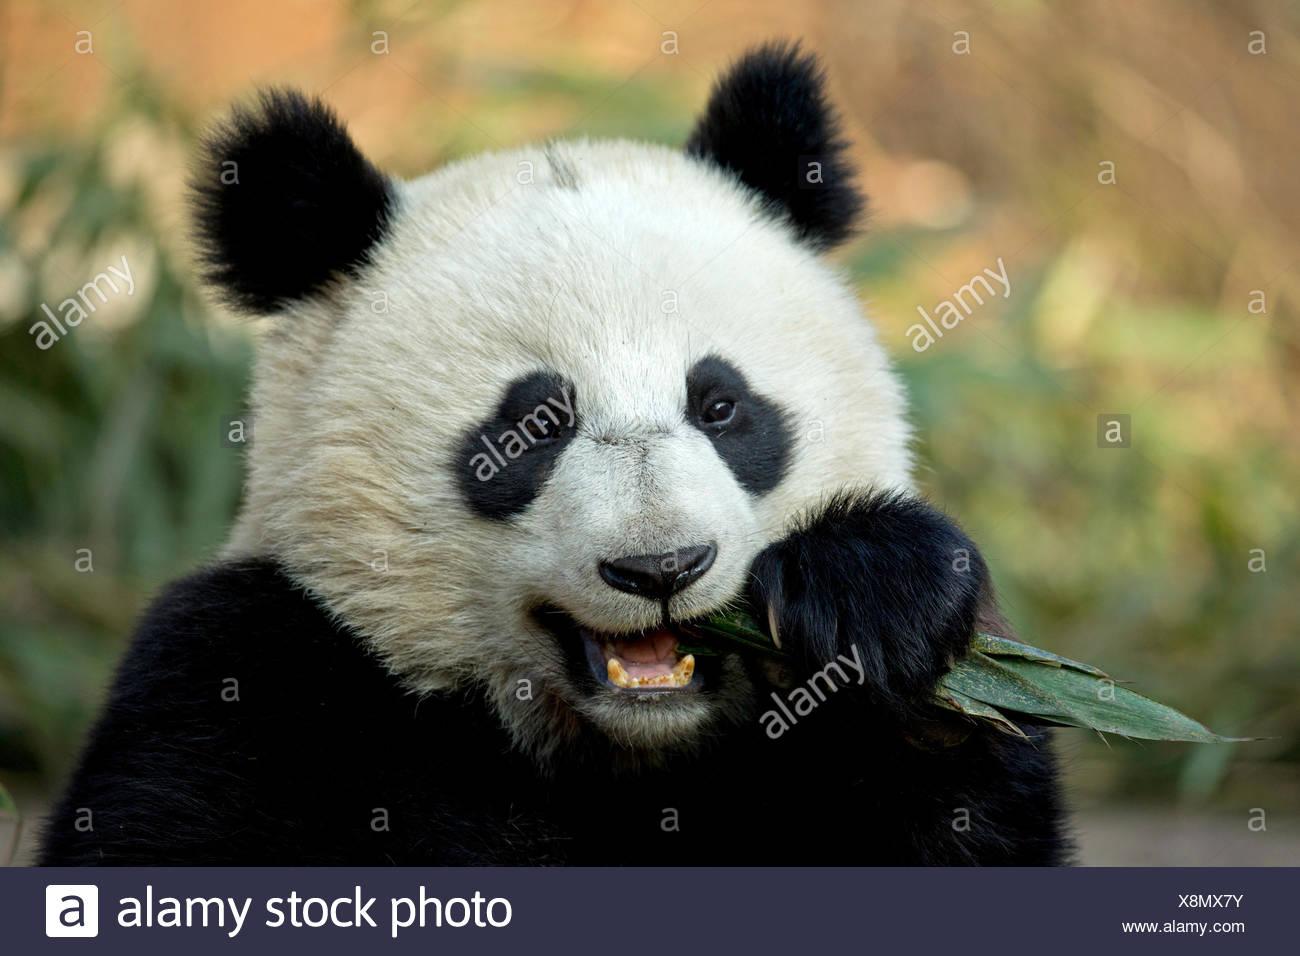 Panda géant (Ailuropoda melanoleuca) sous des profils d'alimentation. Bifengxia, Chine. En captivité. Photo Stock